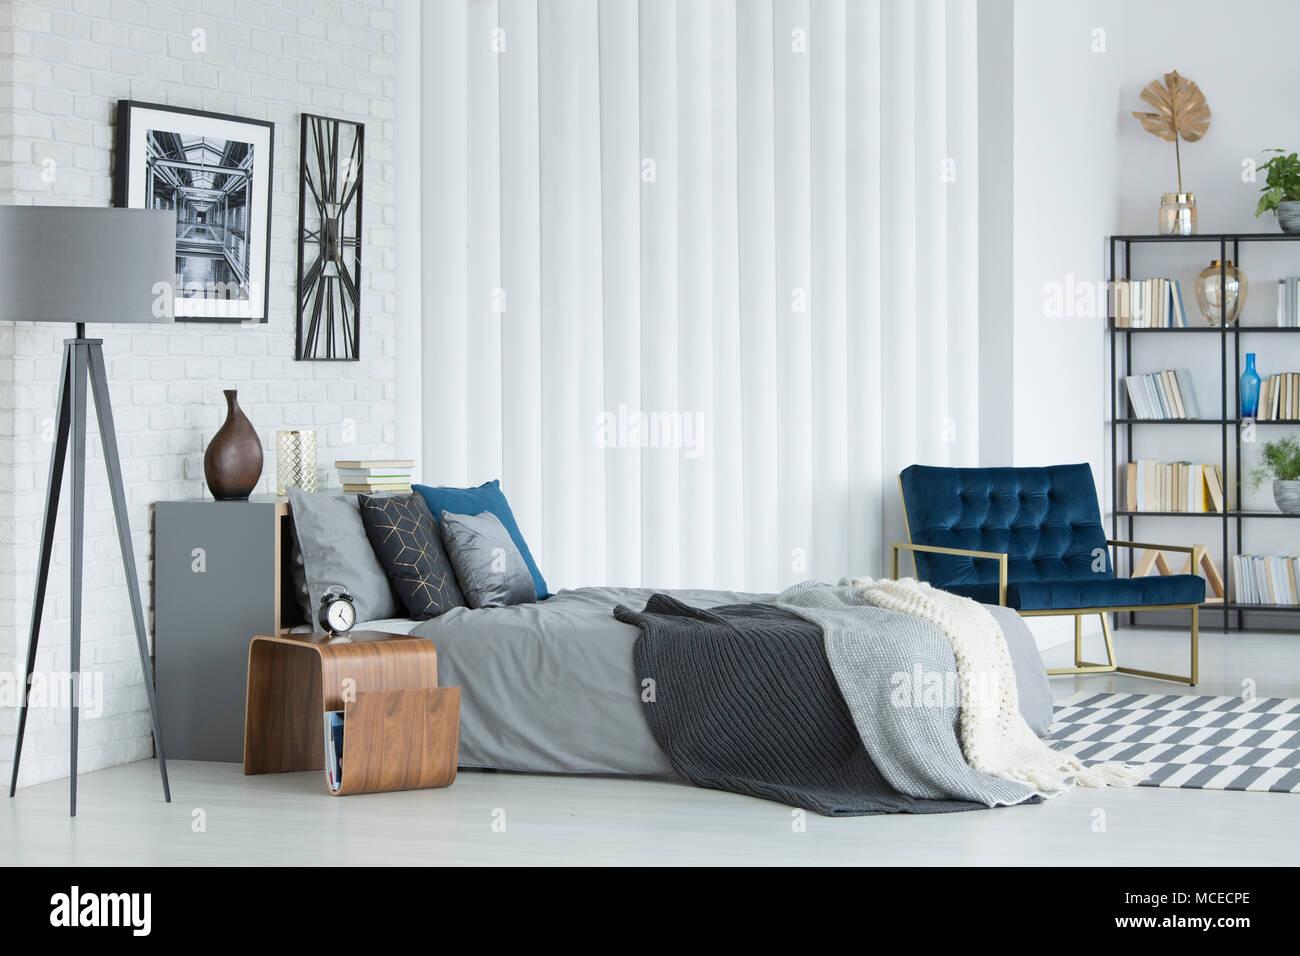 Posters Per Camera Da Letto : Lampada grigio accanto al letto contro il muro bianco con poster e